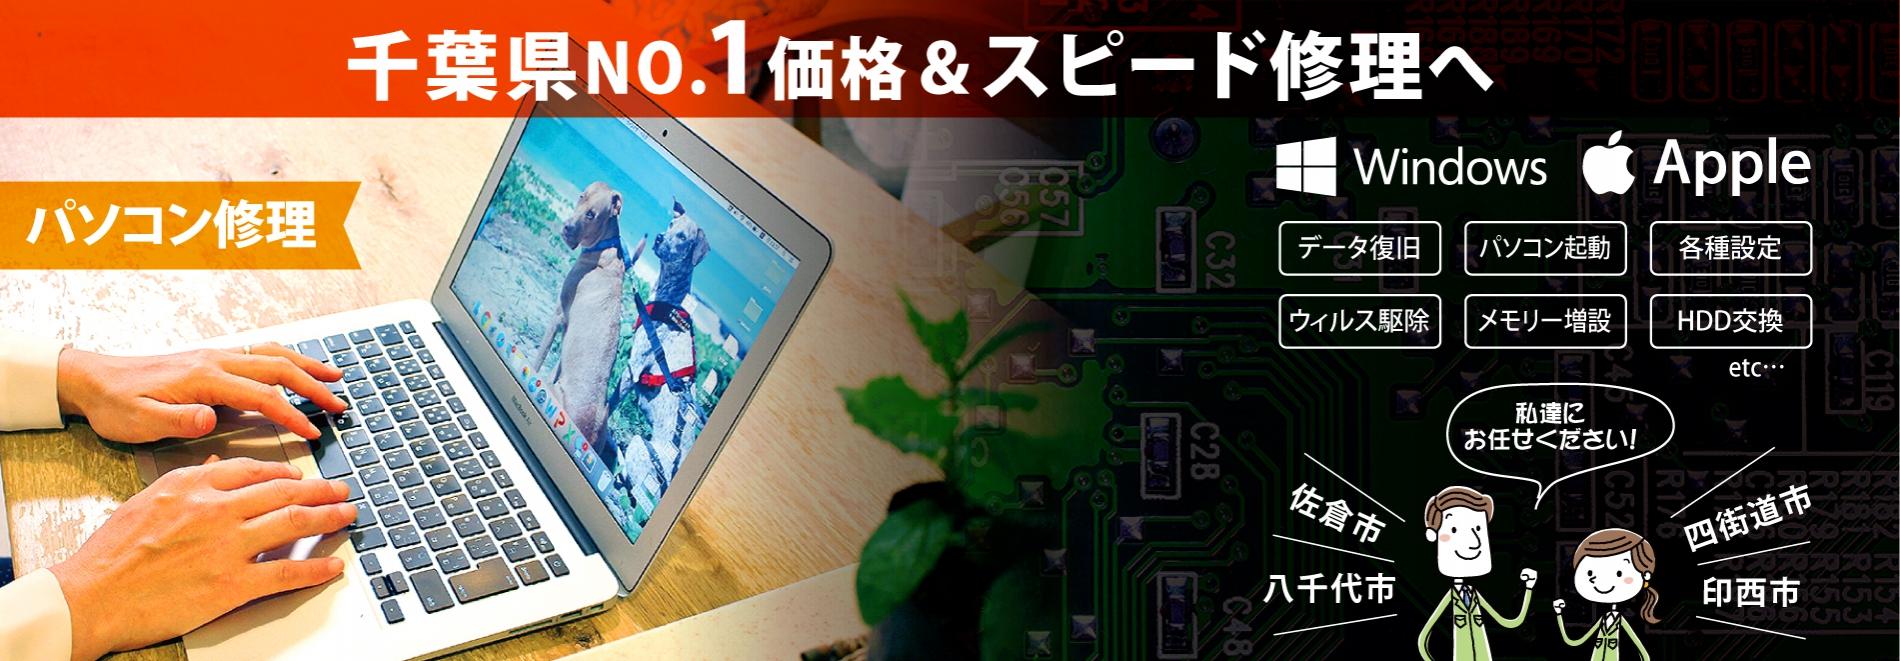 パソコン修理|佐倉・八千代・四街道・印西 3